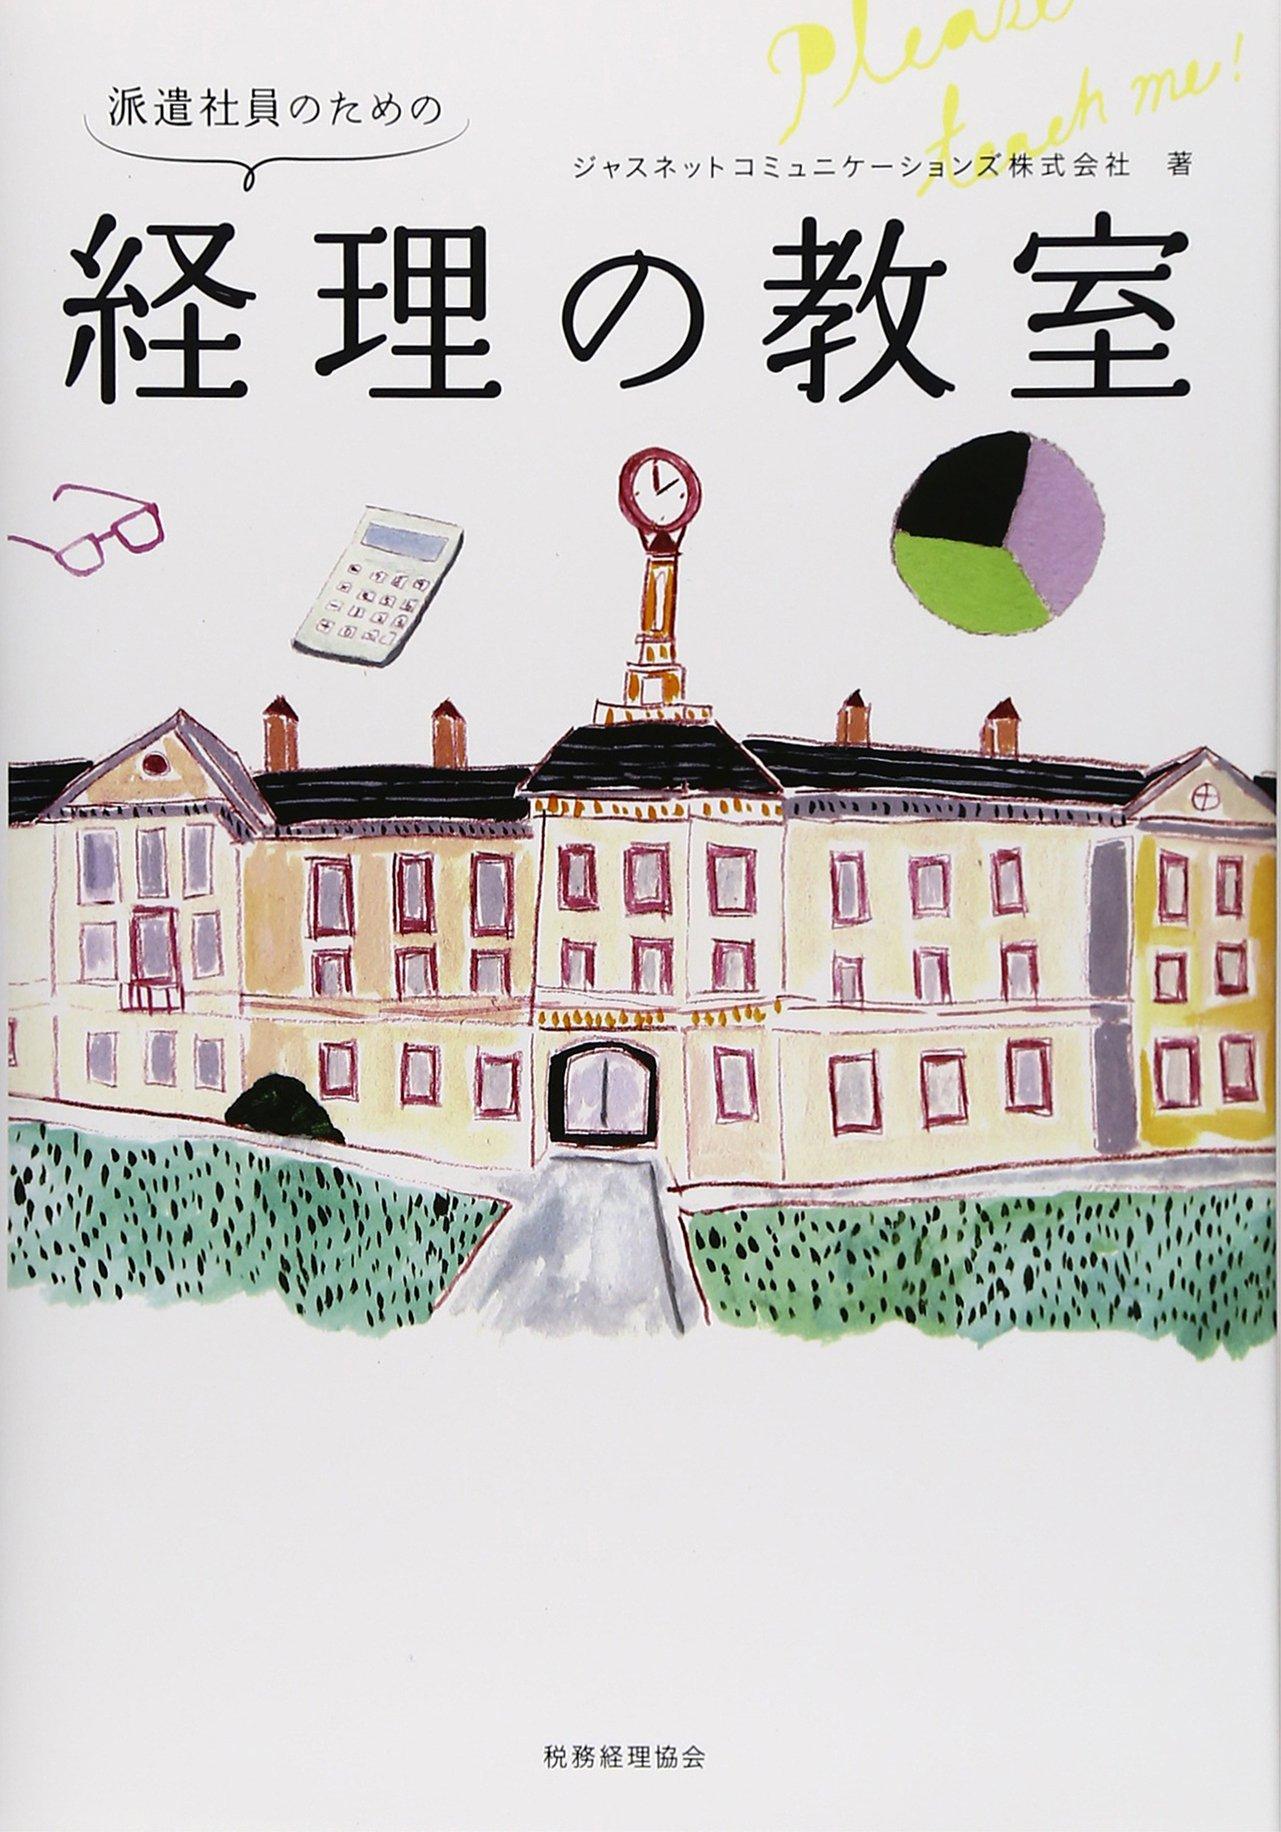 Read Online Haken shain no tame no keiri no kyoshitsu. pdf